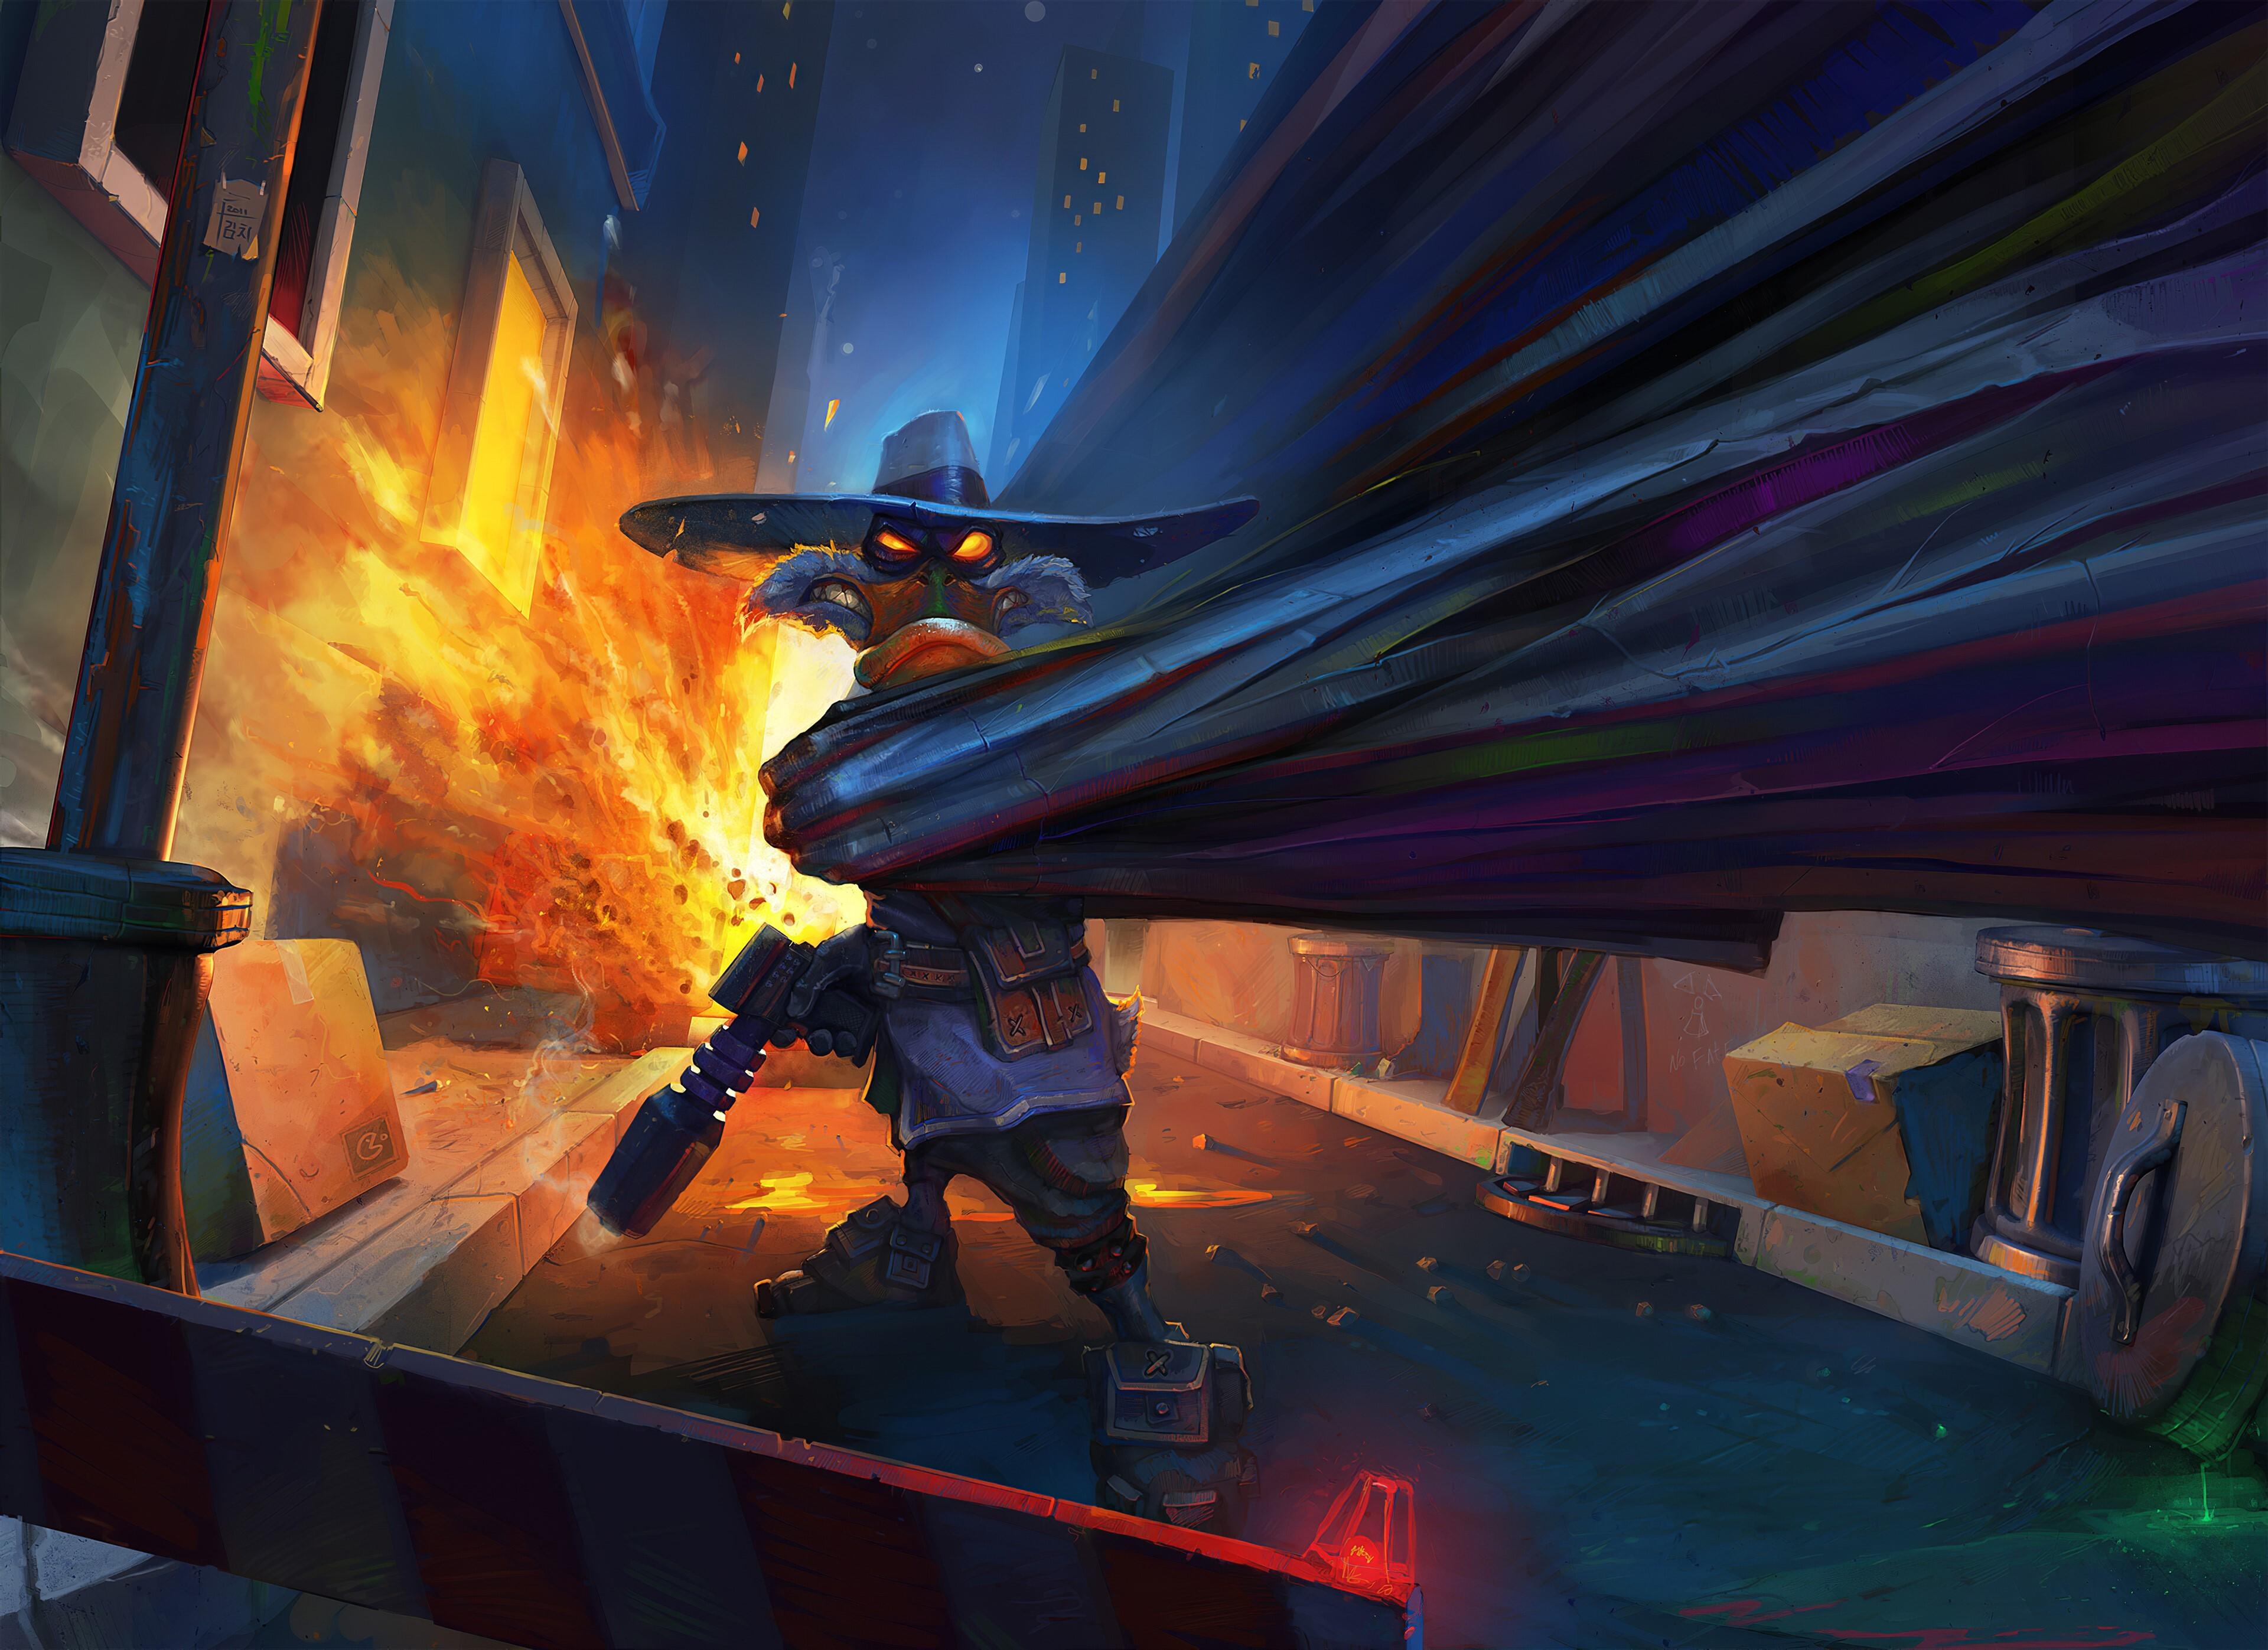 Картинка: Чёрный плащ, брутальность, пушка, оружие, плащ, взрыв, переулок, злой, арт